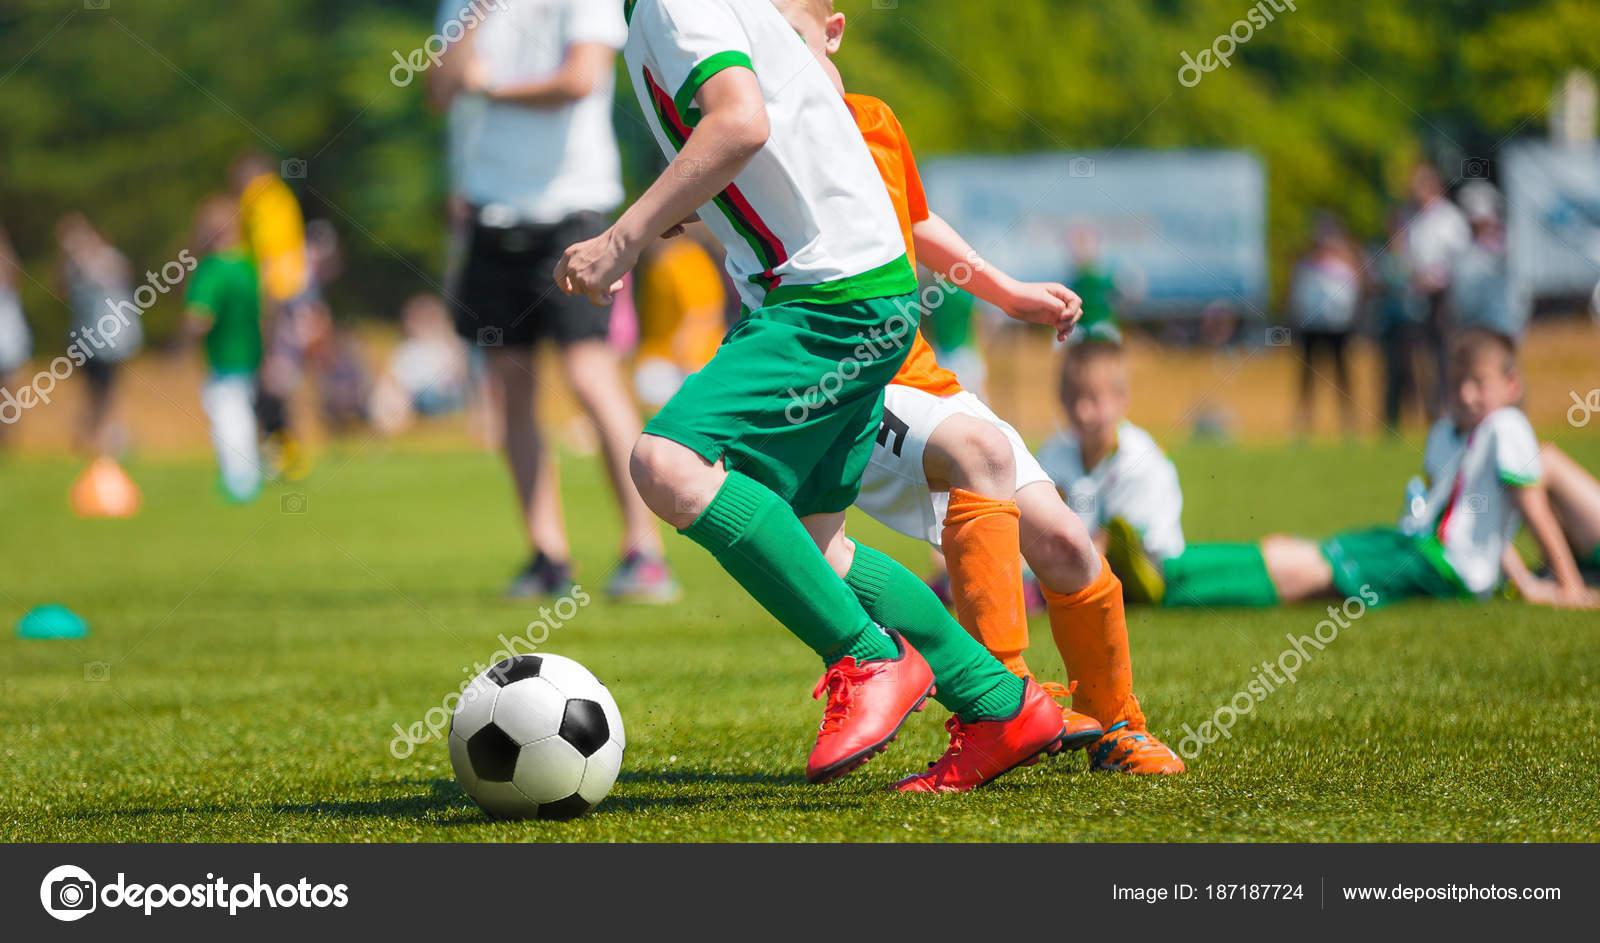 7be637b17eea0 Niño fútbol Dribbling. Juego de fútbol para los niños. Entrenamiento y  torneo de fútbol escuela de fútbol. Grupo de chicos jugando fútbol -  imágenes  chicos ...